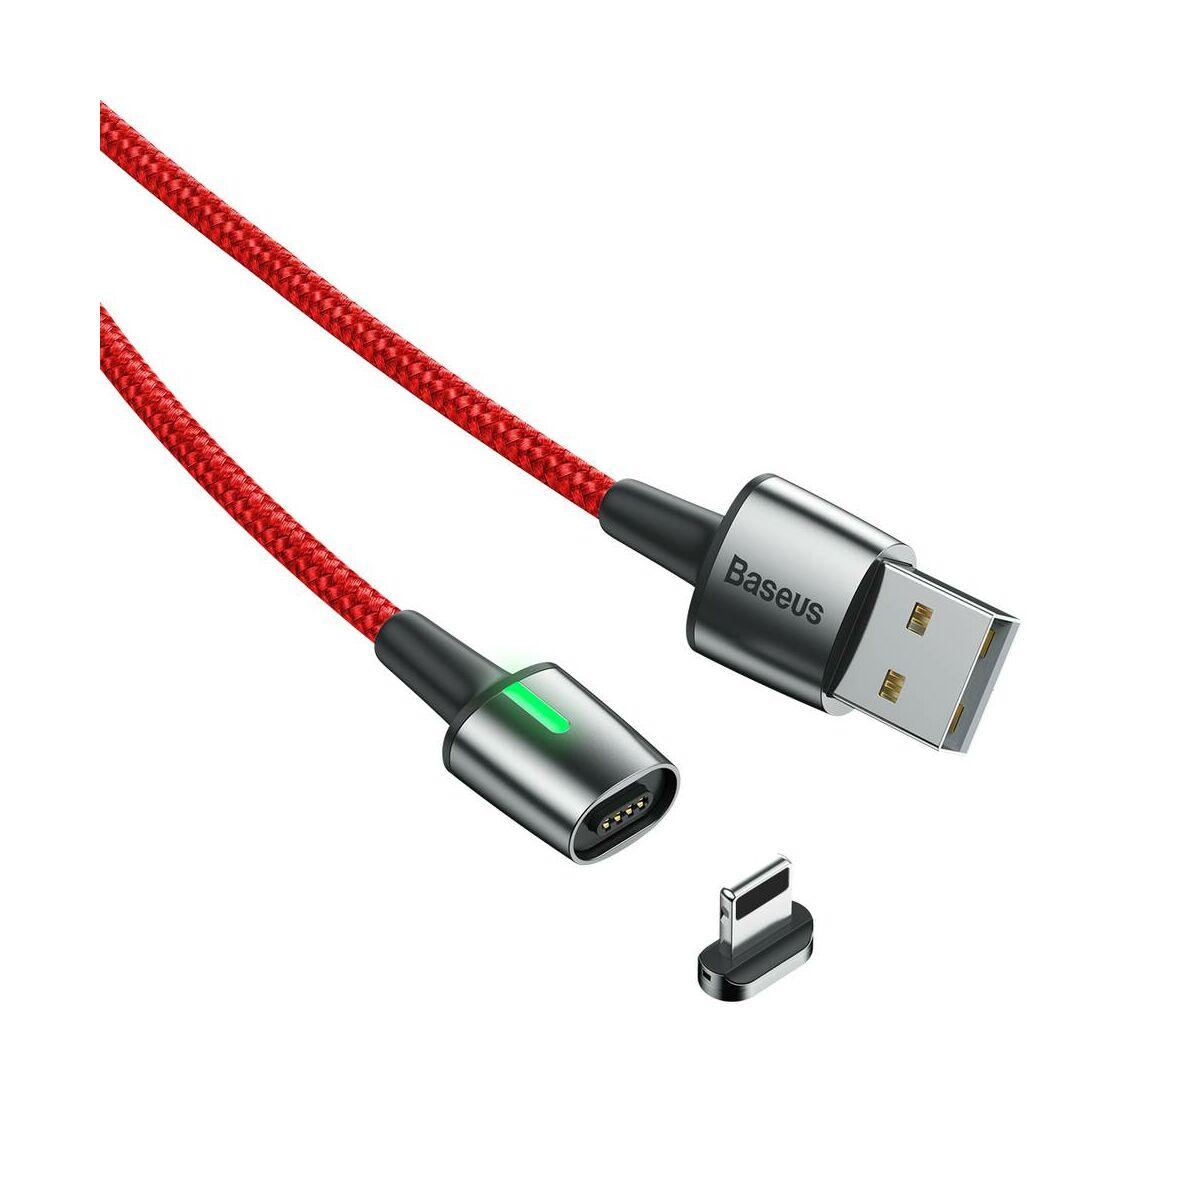 Baseus Mágneses kábel, Lightning, Mágnessel csatlakozó töltő kábel, 2.4A 1m, piros (CALXC-A09)